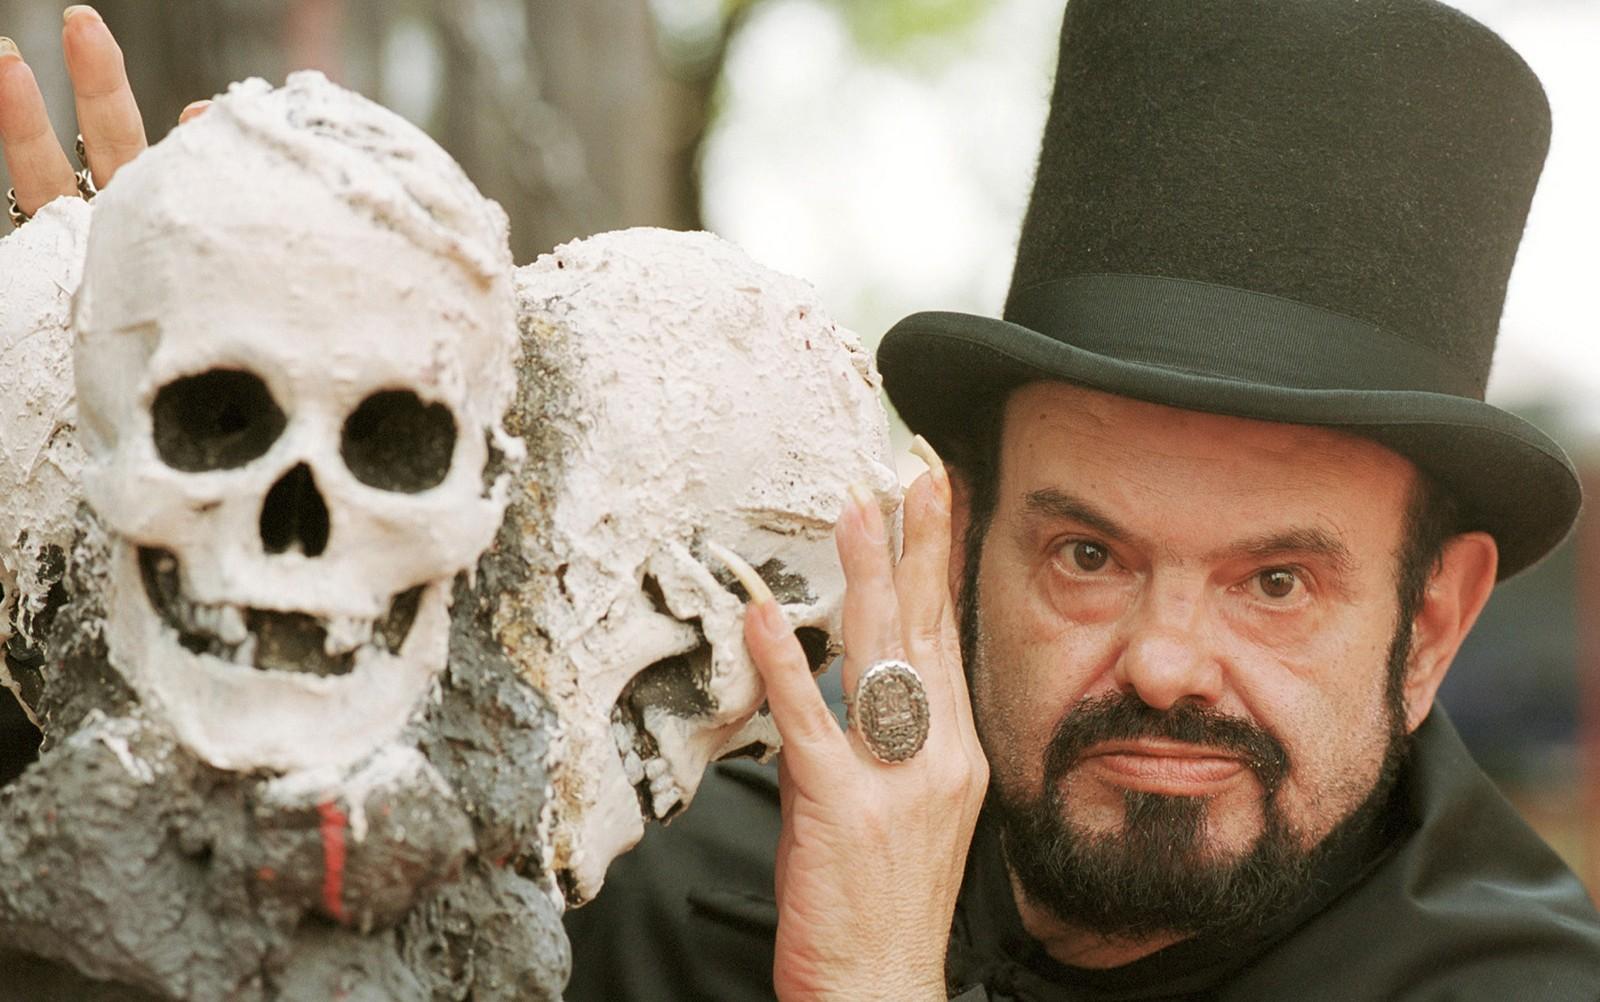 O cineasta e ator José Mojica Marins, conhecido como Zé do Caixão em fotografia feita em 2001 — Foto: Agliberto Lima/Estadão Conteúdo